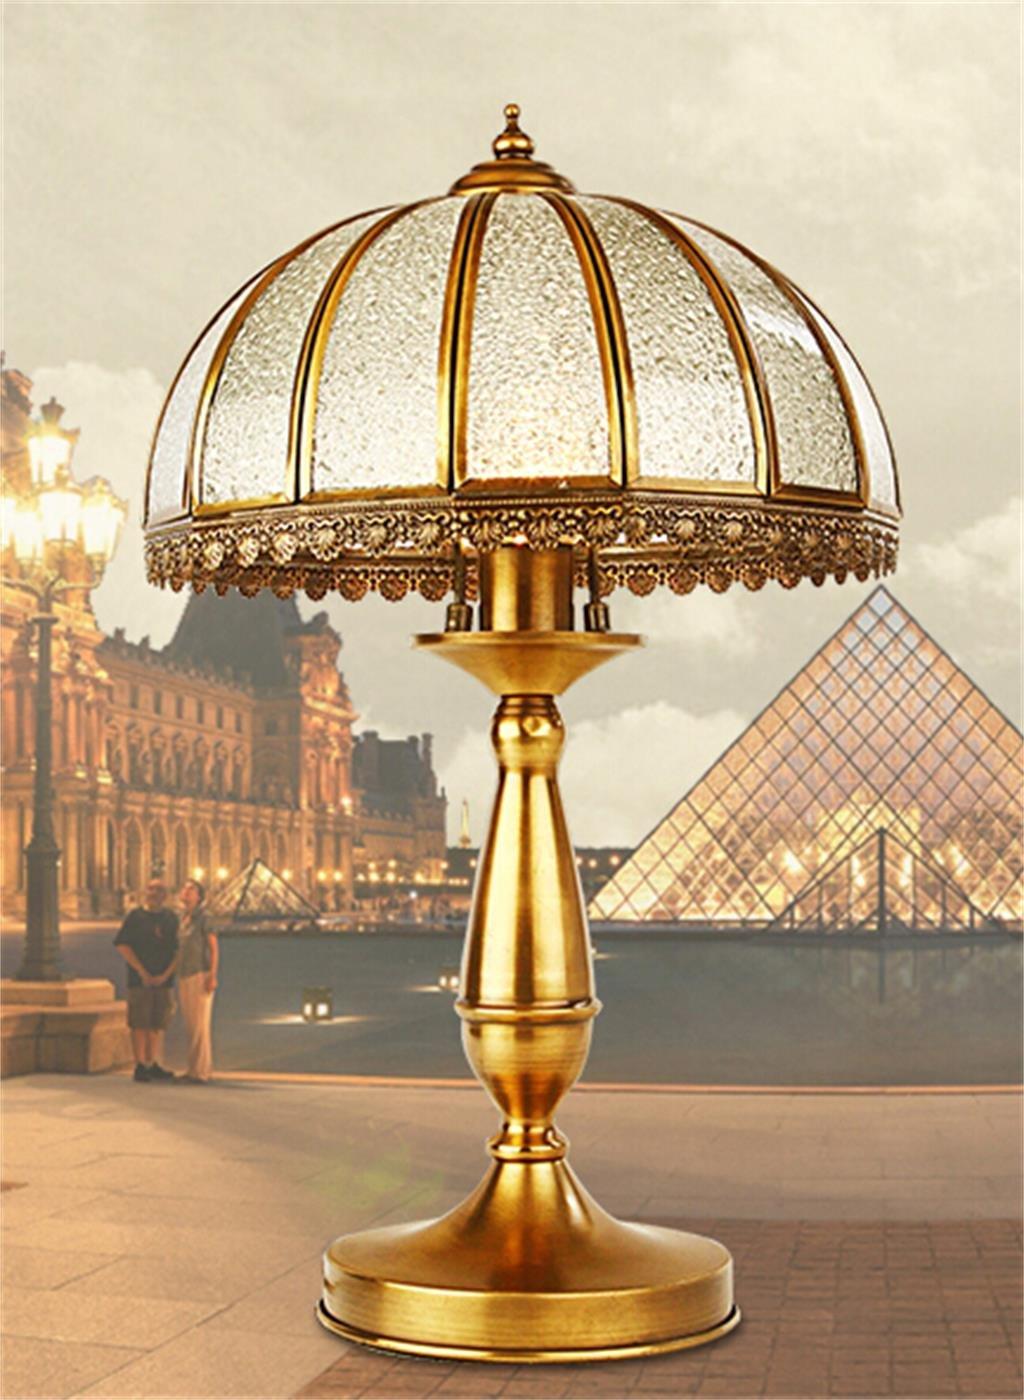 Retro Tischleuchte kontinental warm kreativ Salon Schlafzimmer Kupferlampen einfach Kunst Klassik Dekoration Nachttischlampe